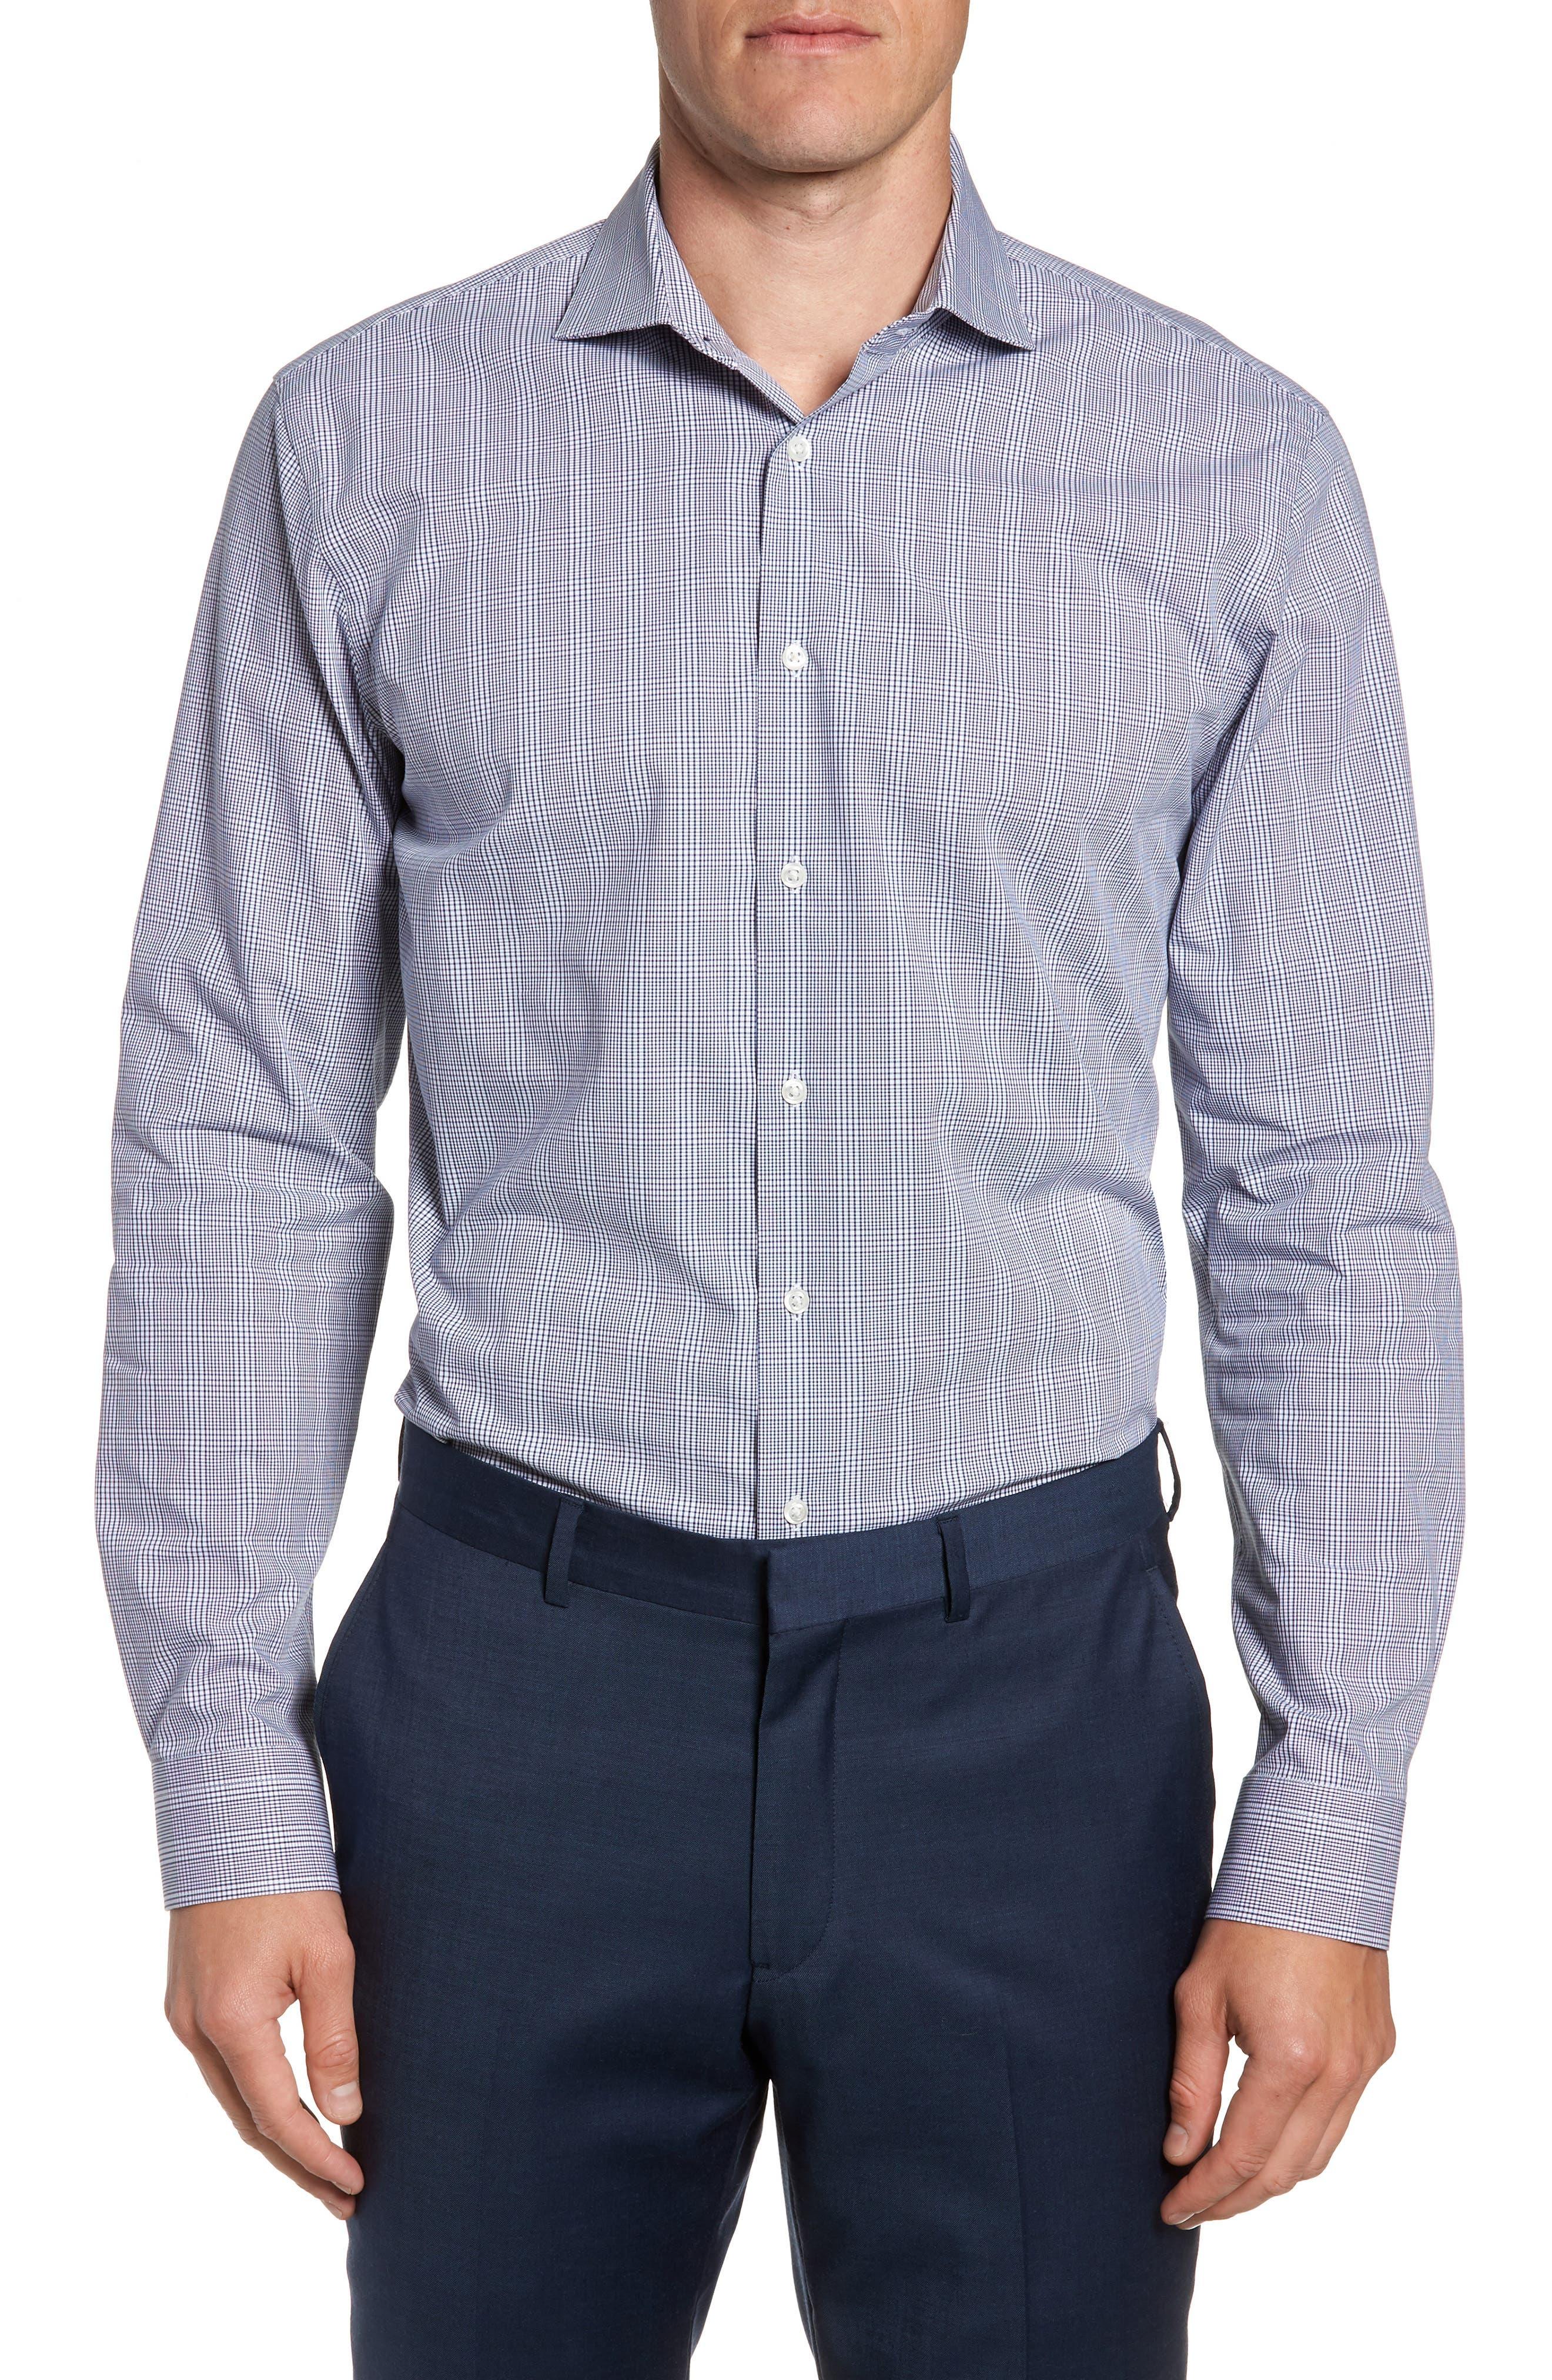 Tech-Smart Trim Fit Stretch Plaid Dress Shirt,                             Main thumbnail 1, color,                             401